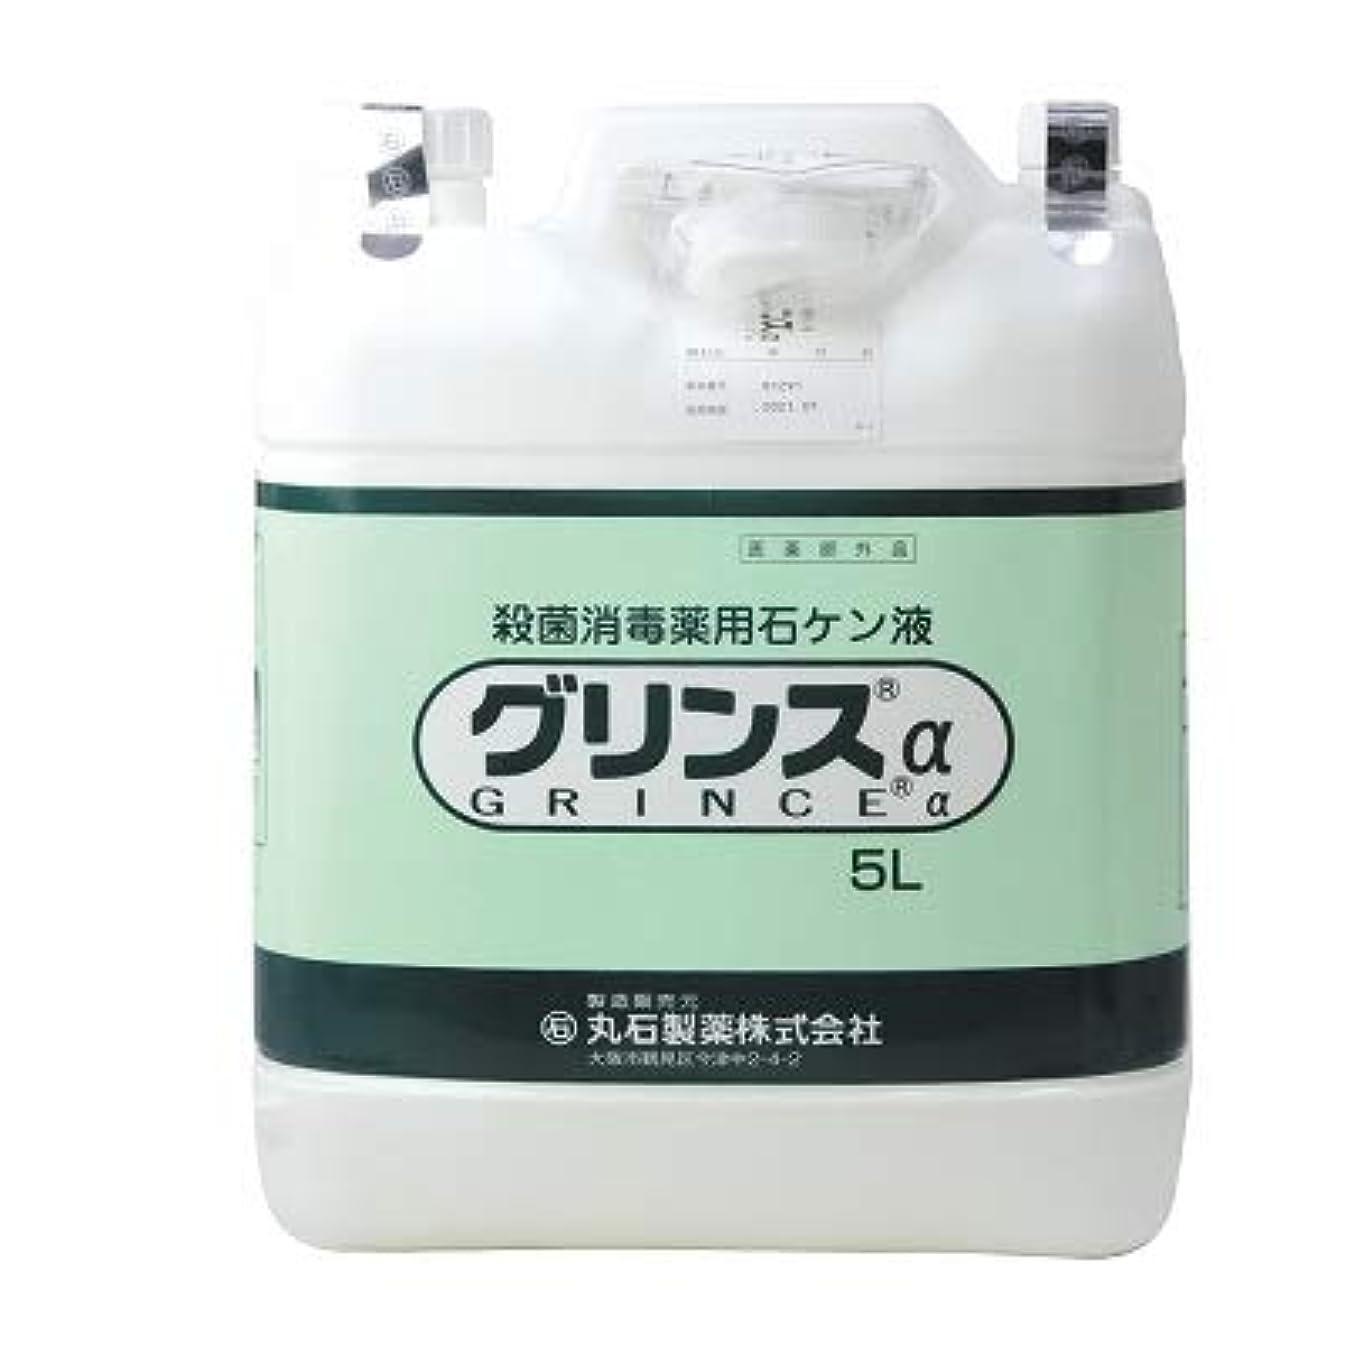 農業ゾーン王族【丸石製薬】グリンス 5L